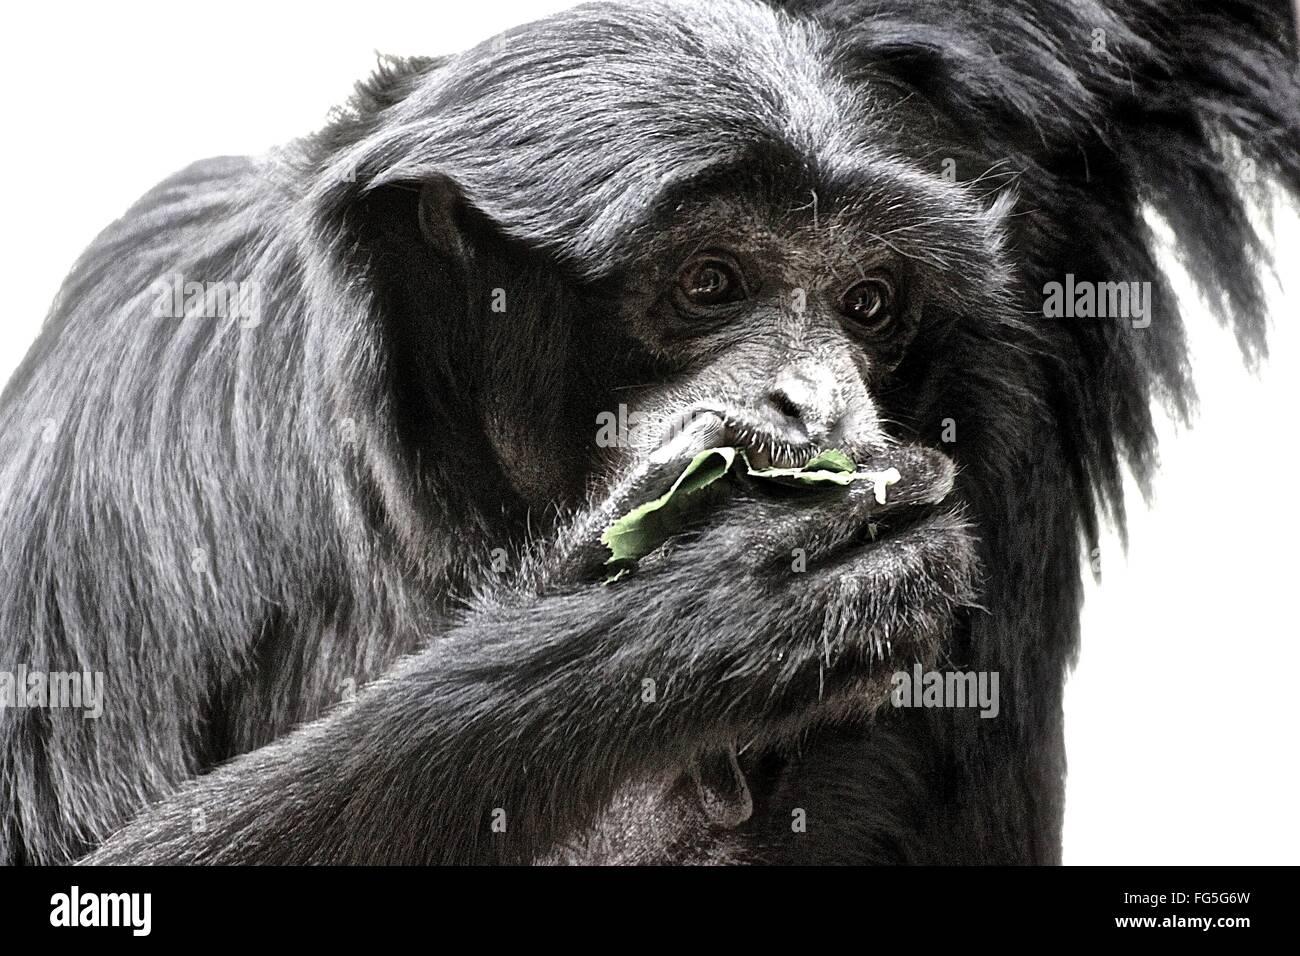 Alimentación de monos en el Zoo Imagen De Stock